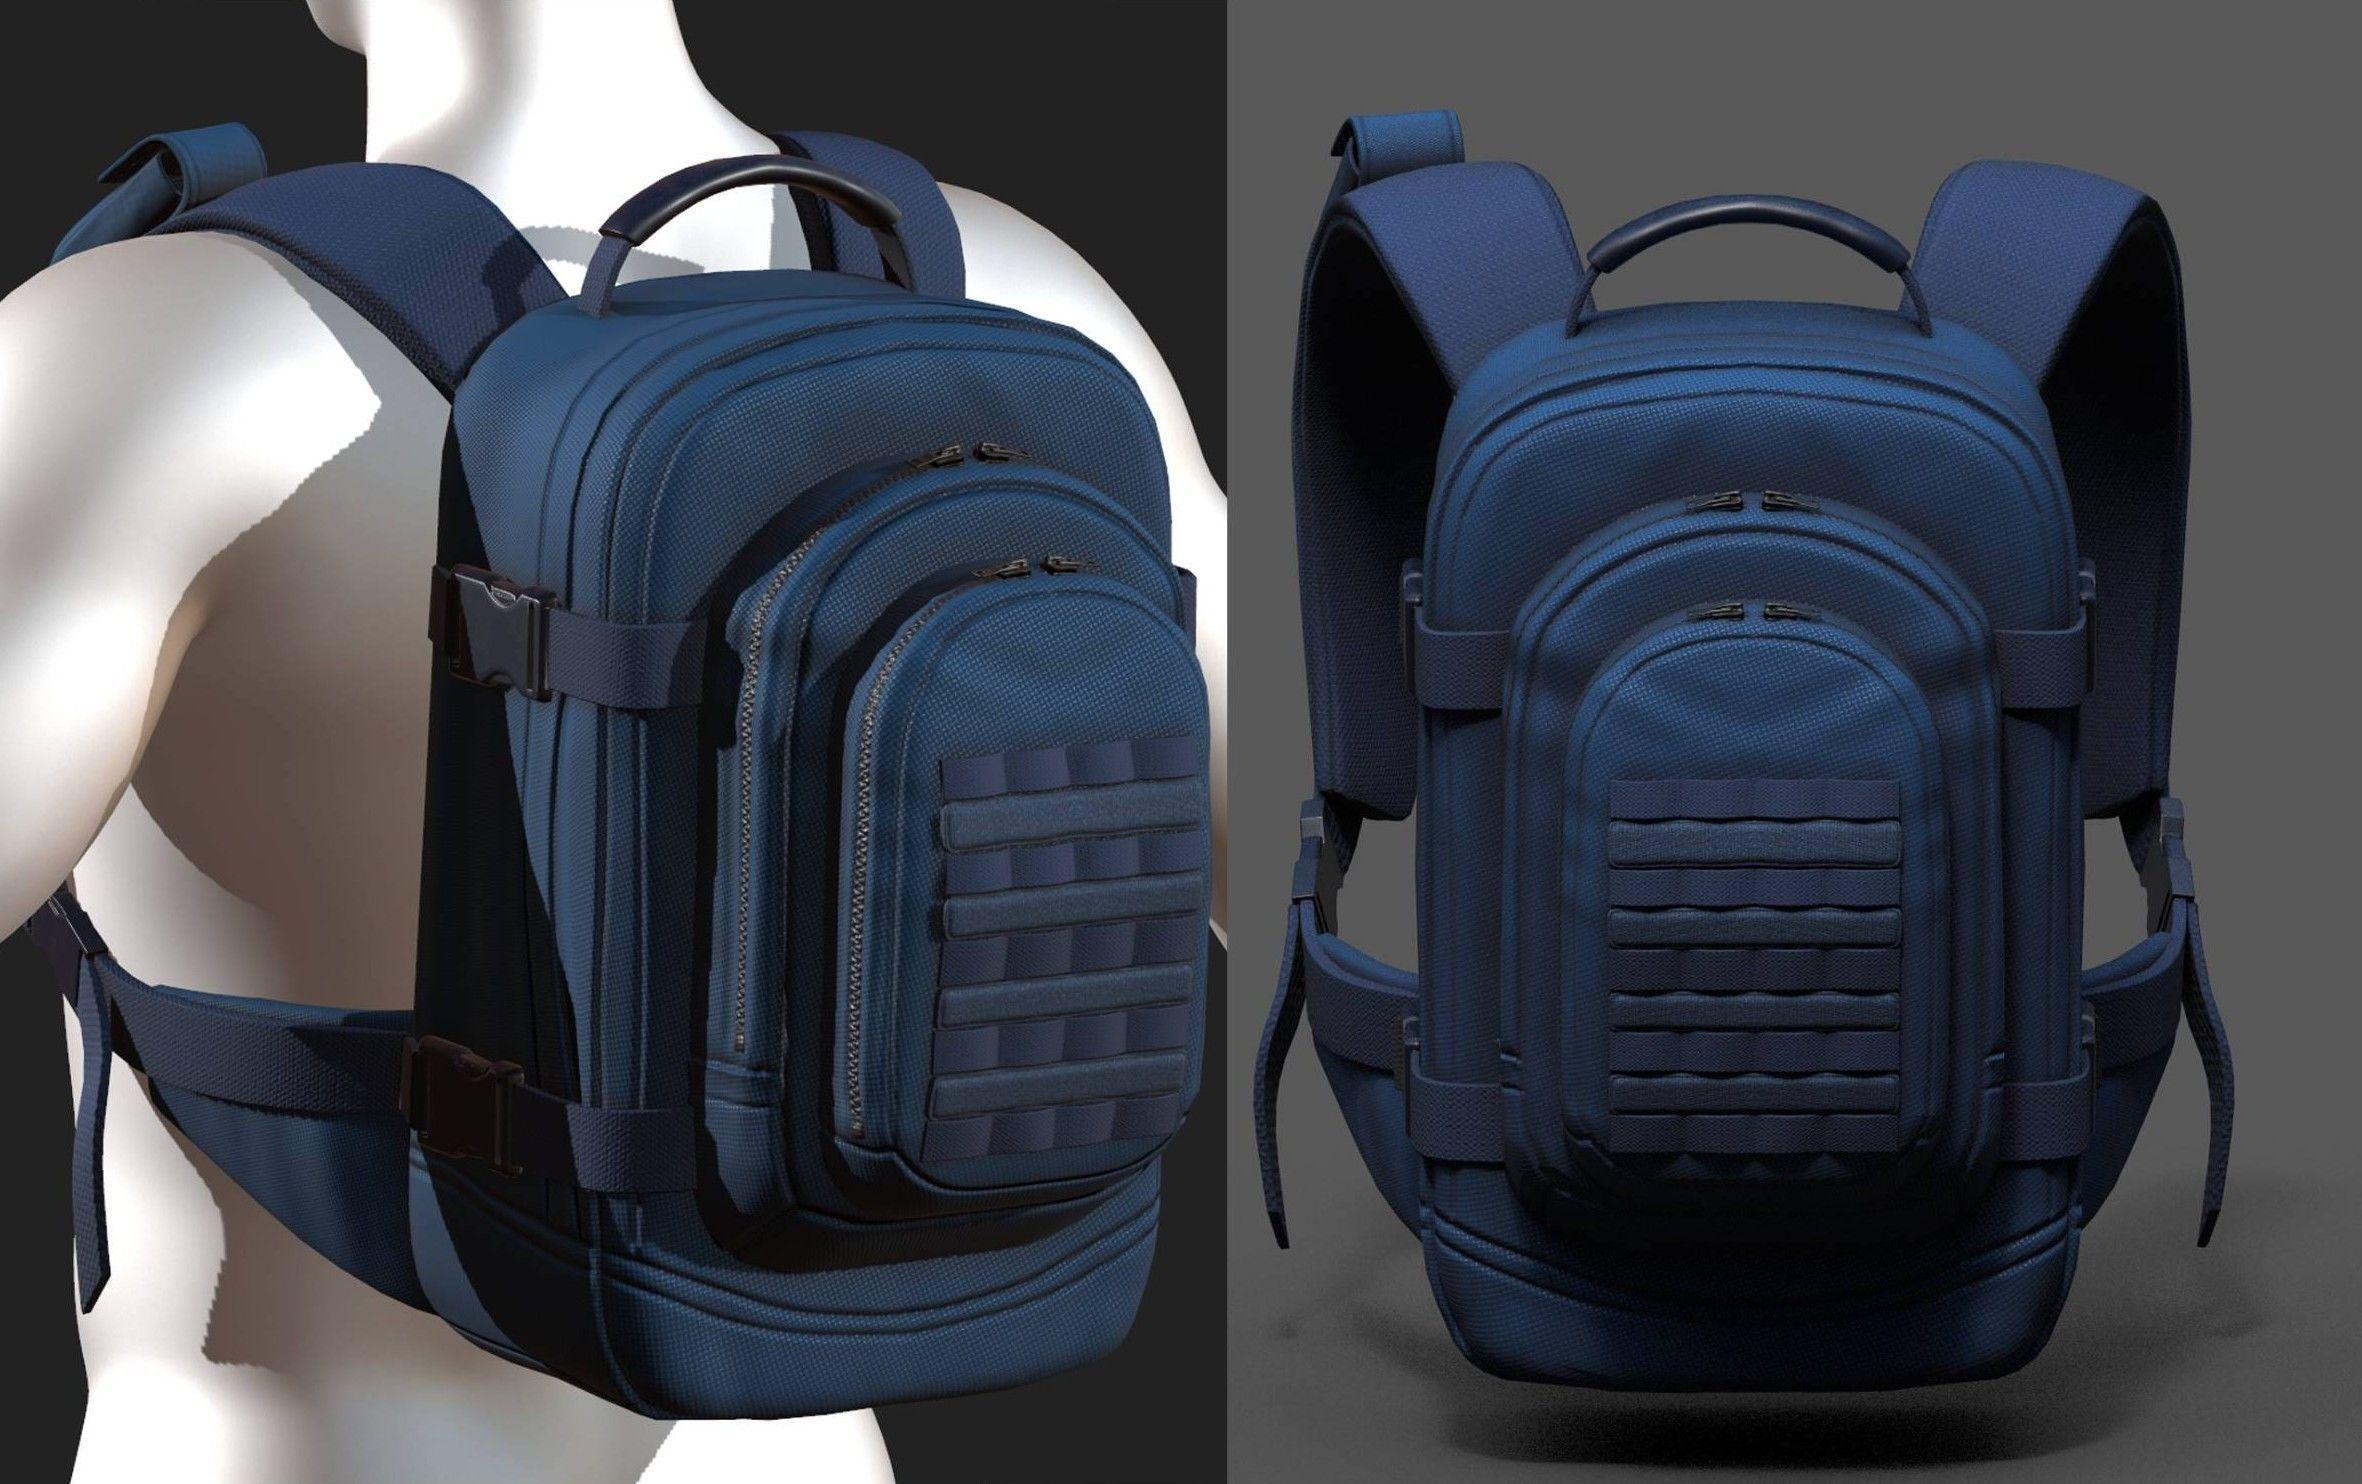 Backpack Camping Generic bag baggage